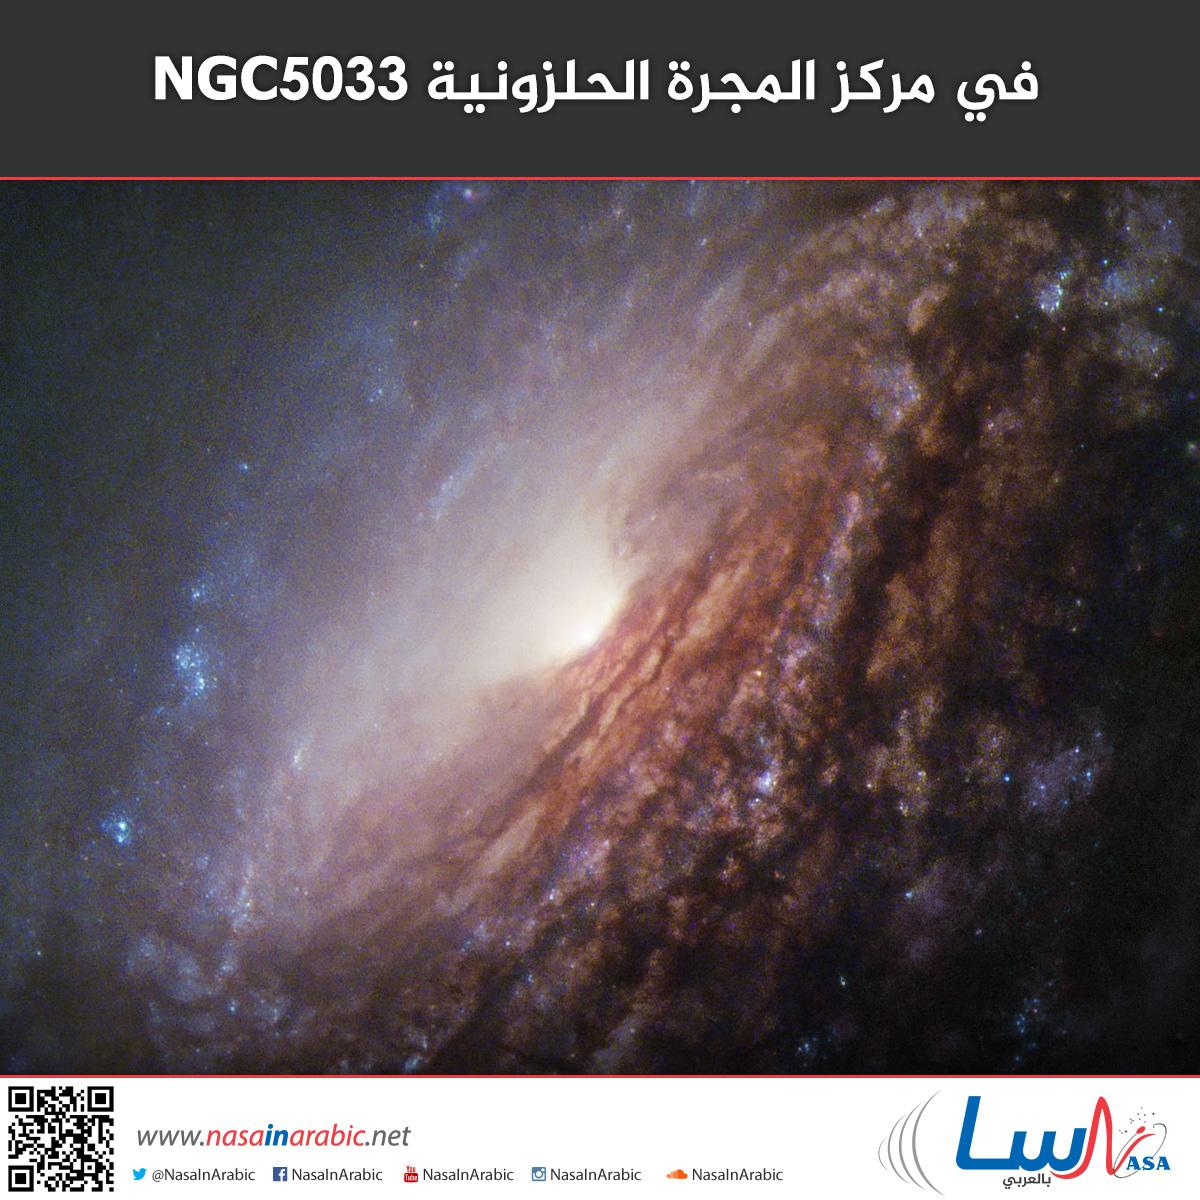 في مركز المجرة الحلزونية NGC5033